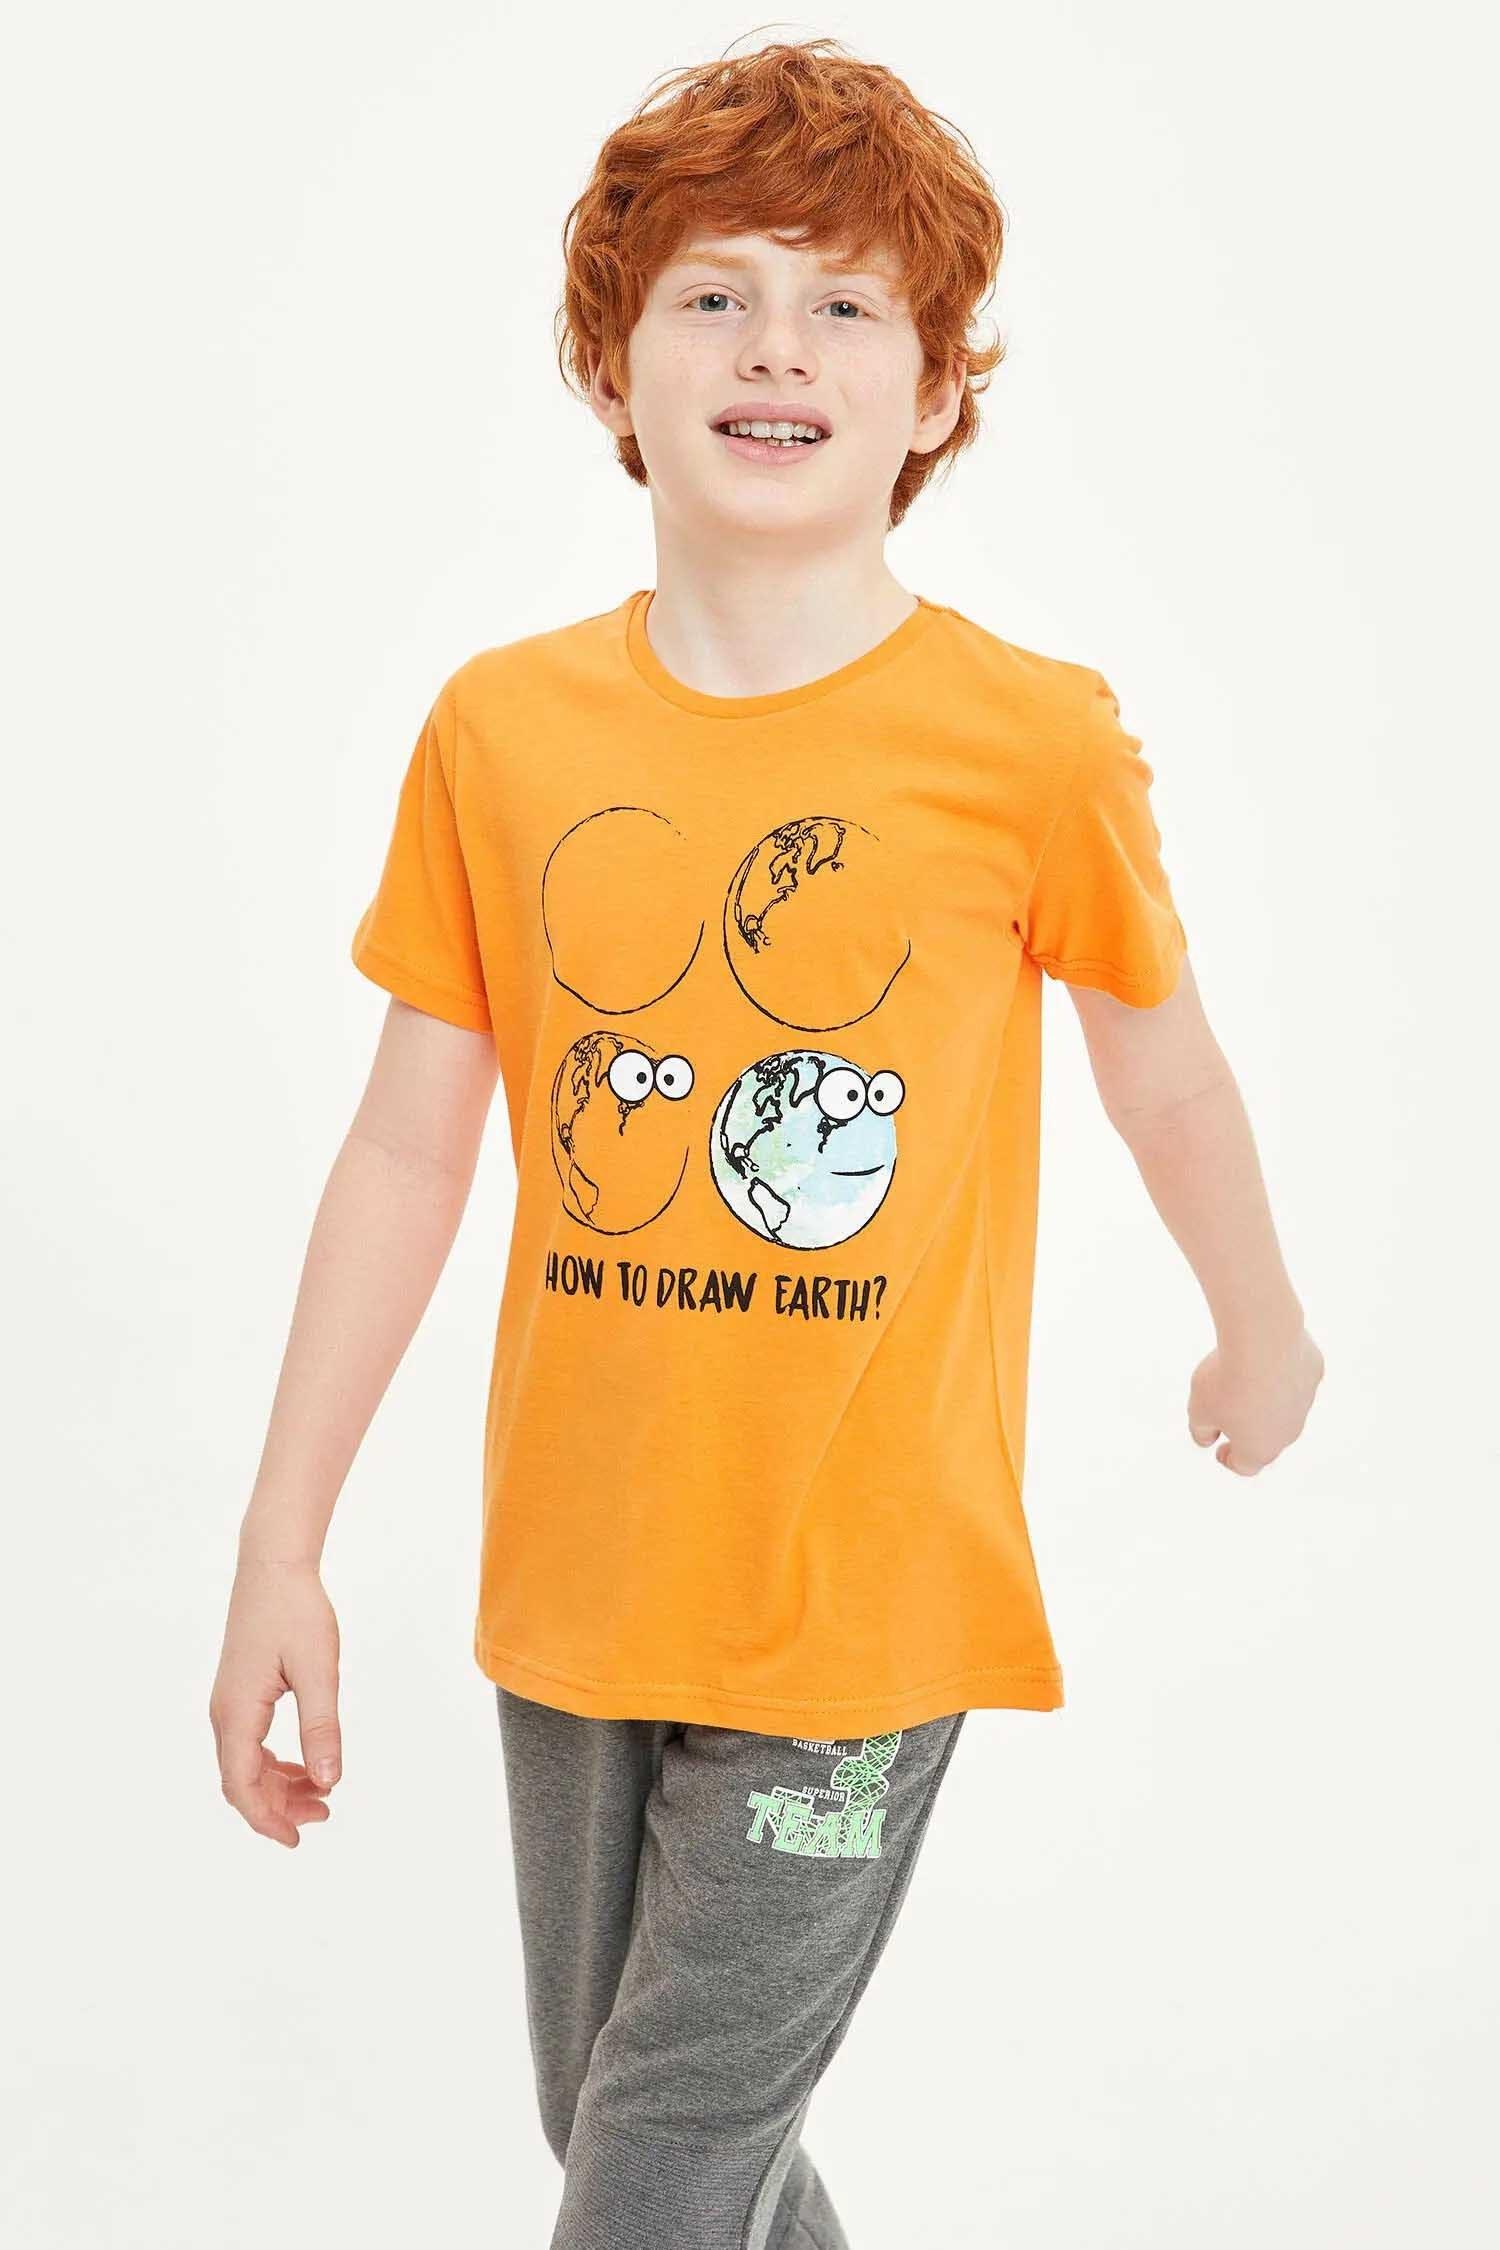 تصویر تیشرت یقه گرد چاپ دار نارنجی رنگ پسرانه کد: S0145A6OG120